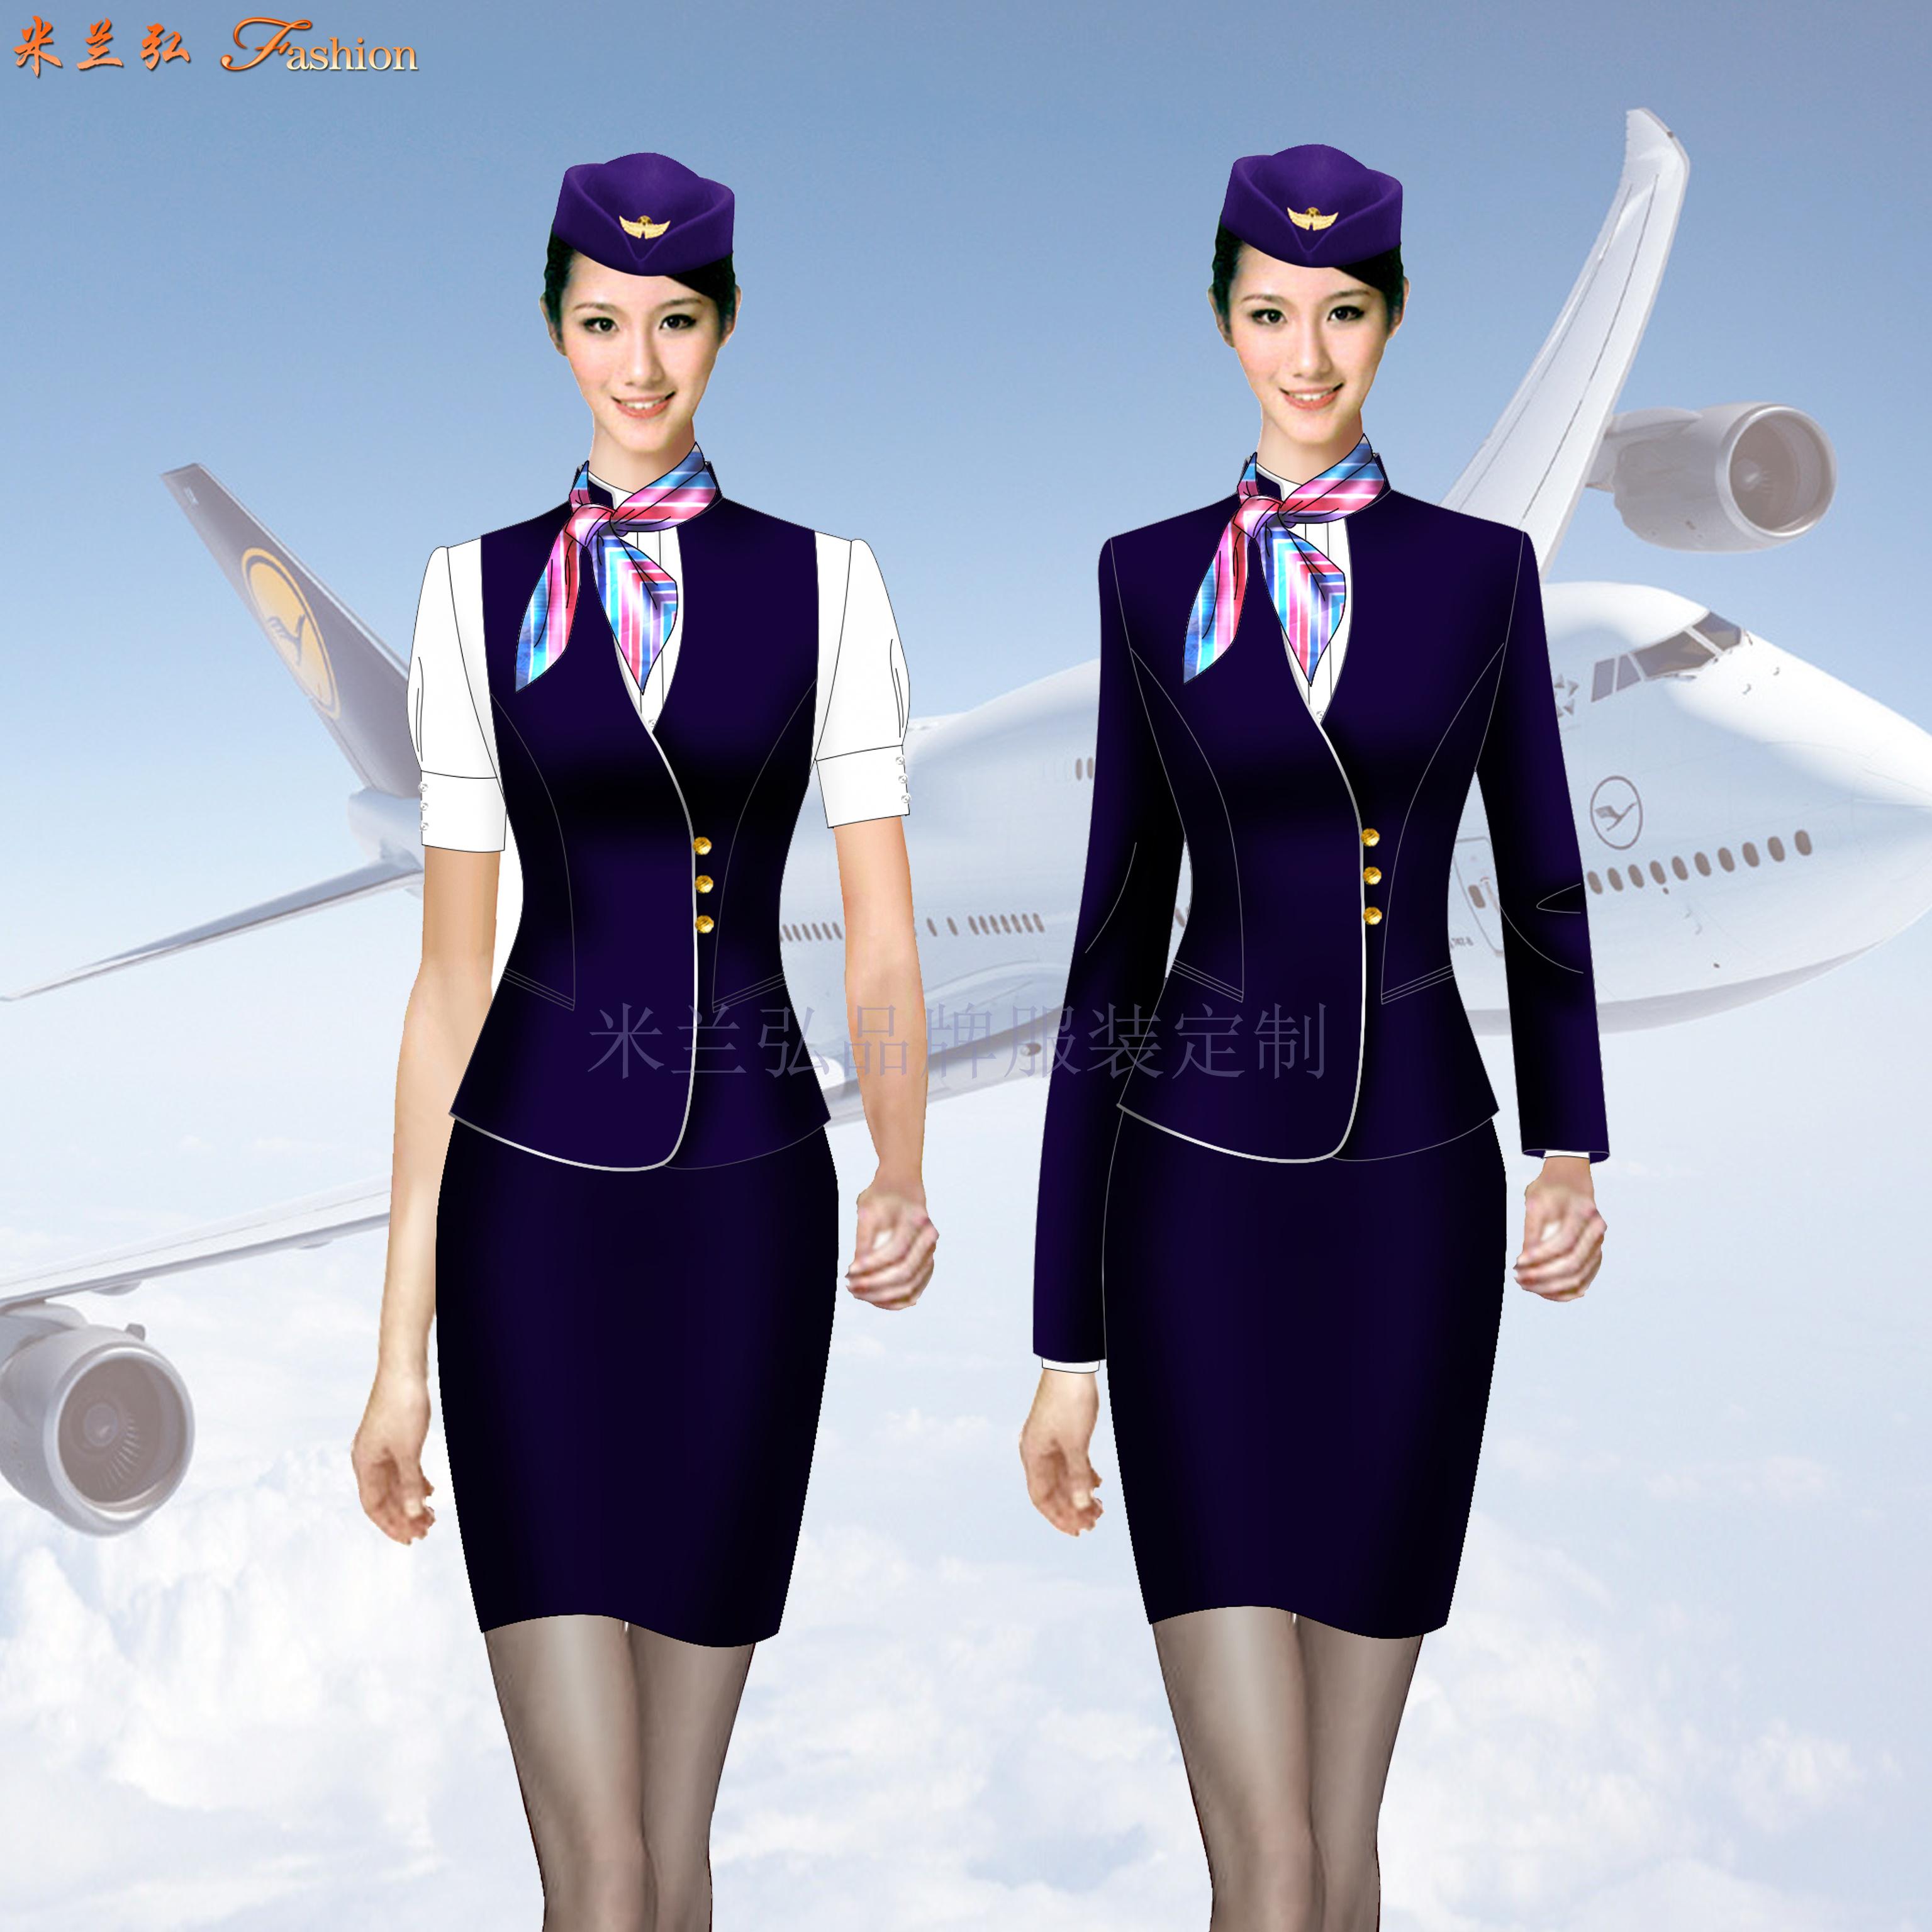 空姐職業裝價格-飛機乘務員職業裝定制-米蘭弘廠家-4